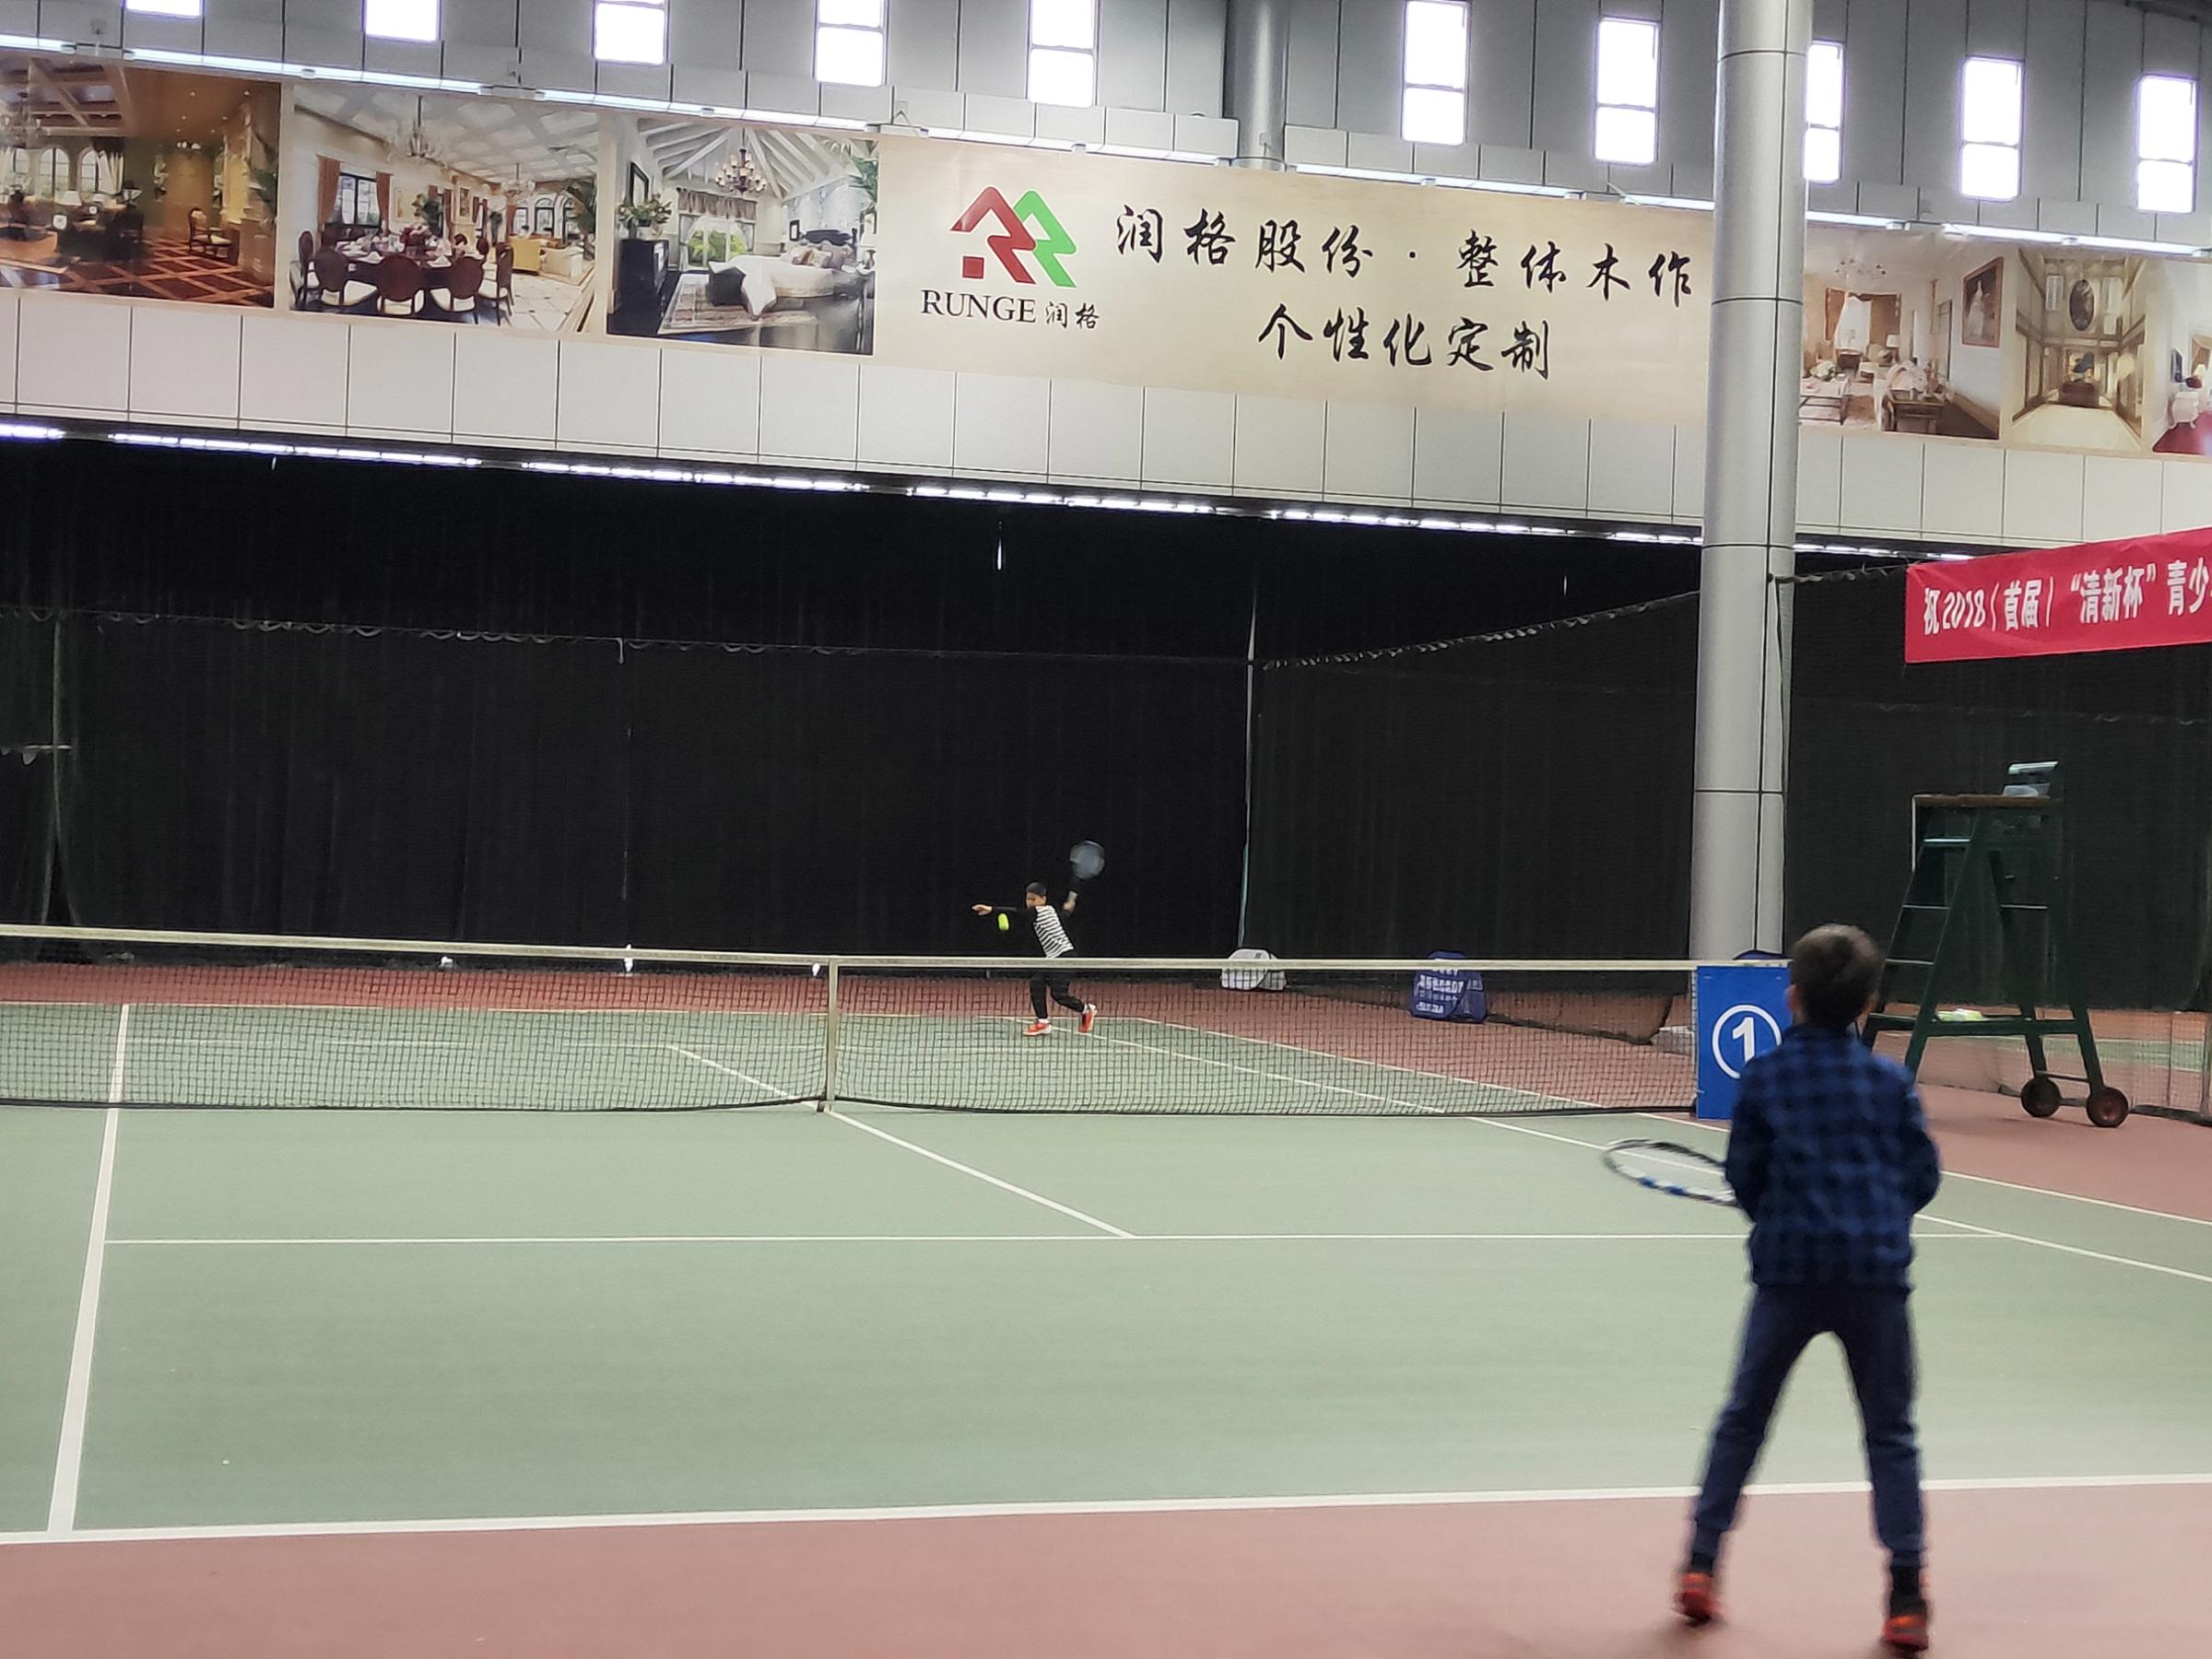 这场民间帆船办高速的青少年网球赛改良了AT打出运茶配方体育强化力量图片